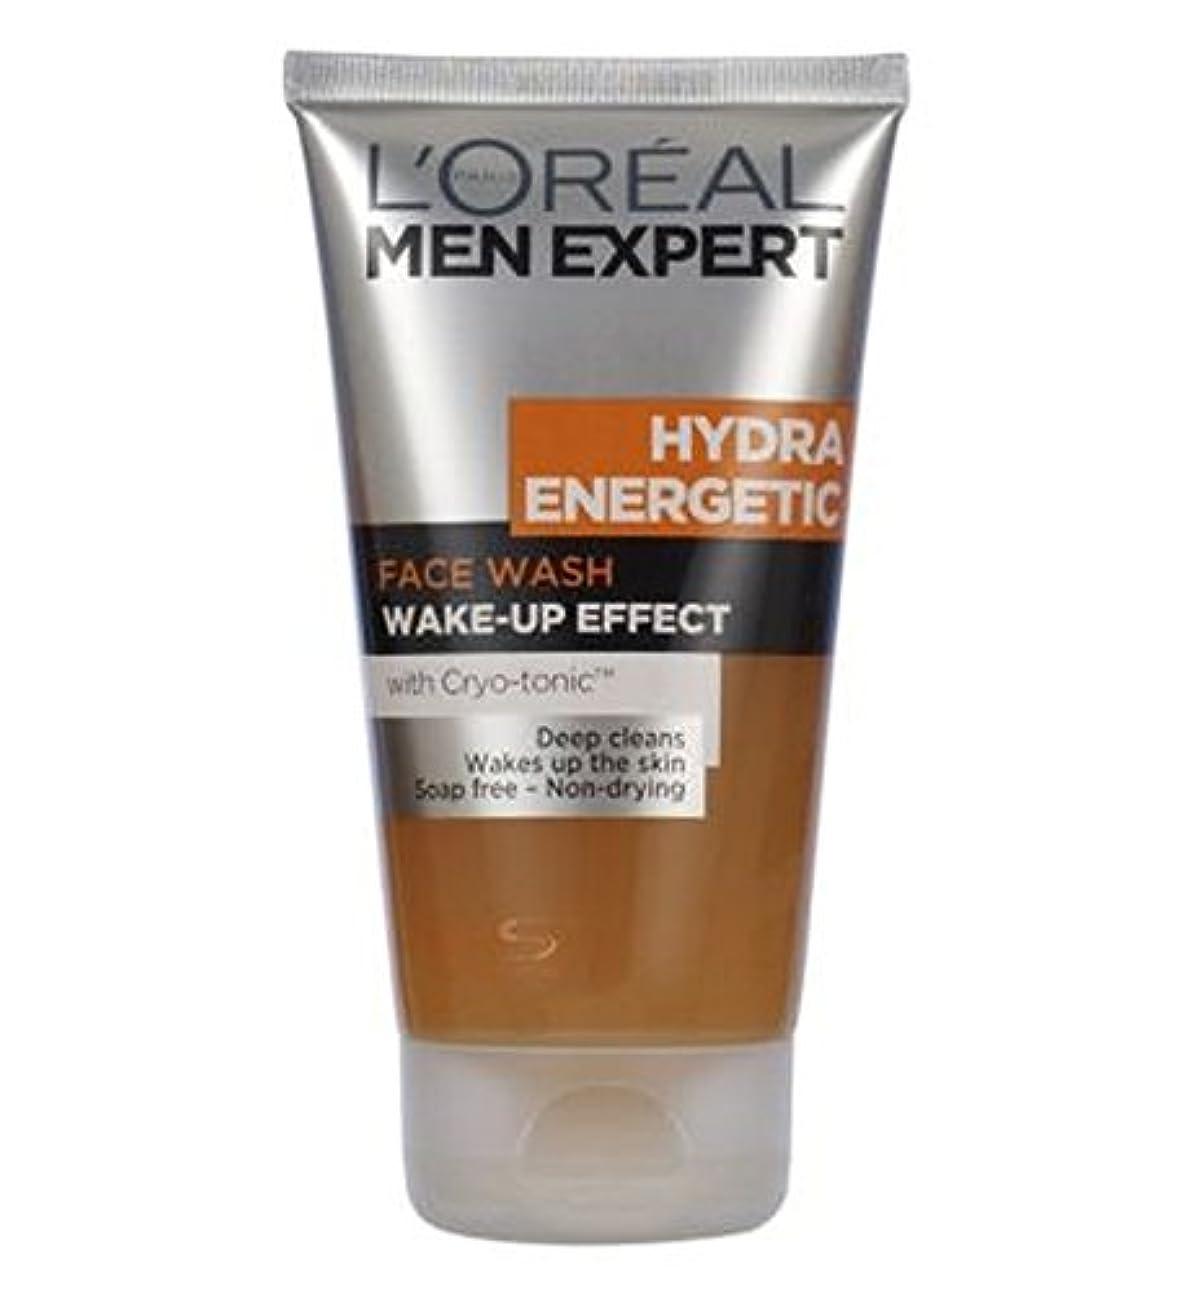 モード強化ネコL'Oreal Men Expert Hydra Energetic Face Wash 150ml - ロレアルの男性の専門家ヒドラエネルギッシュな洗顔150ミリリットル (L'Oreal) [並行輸入品]